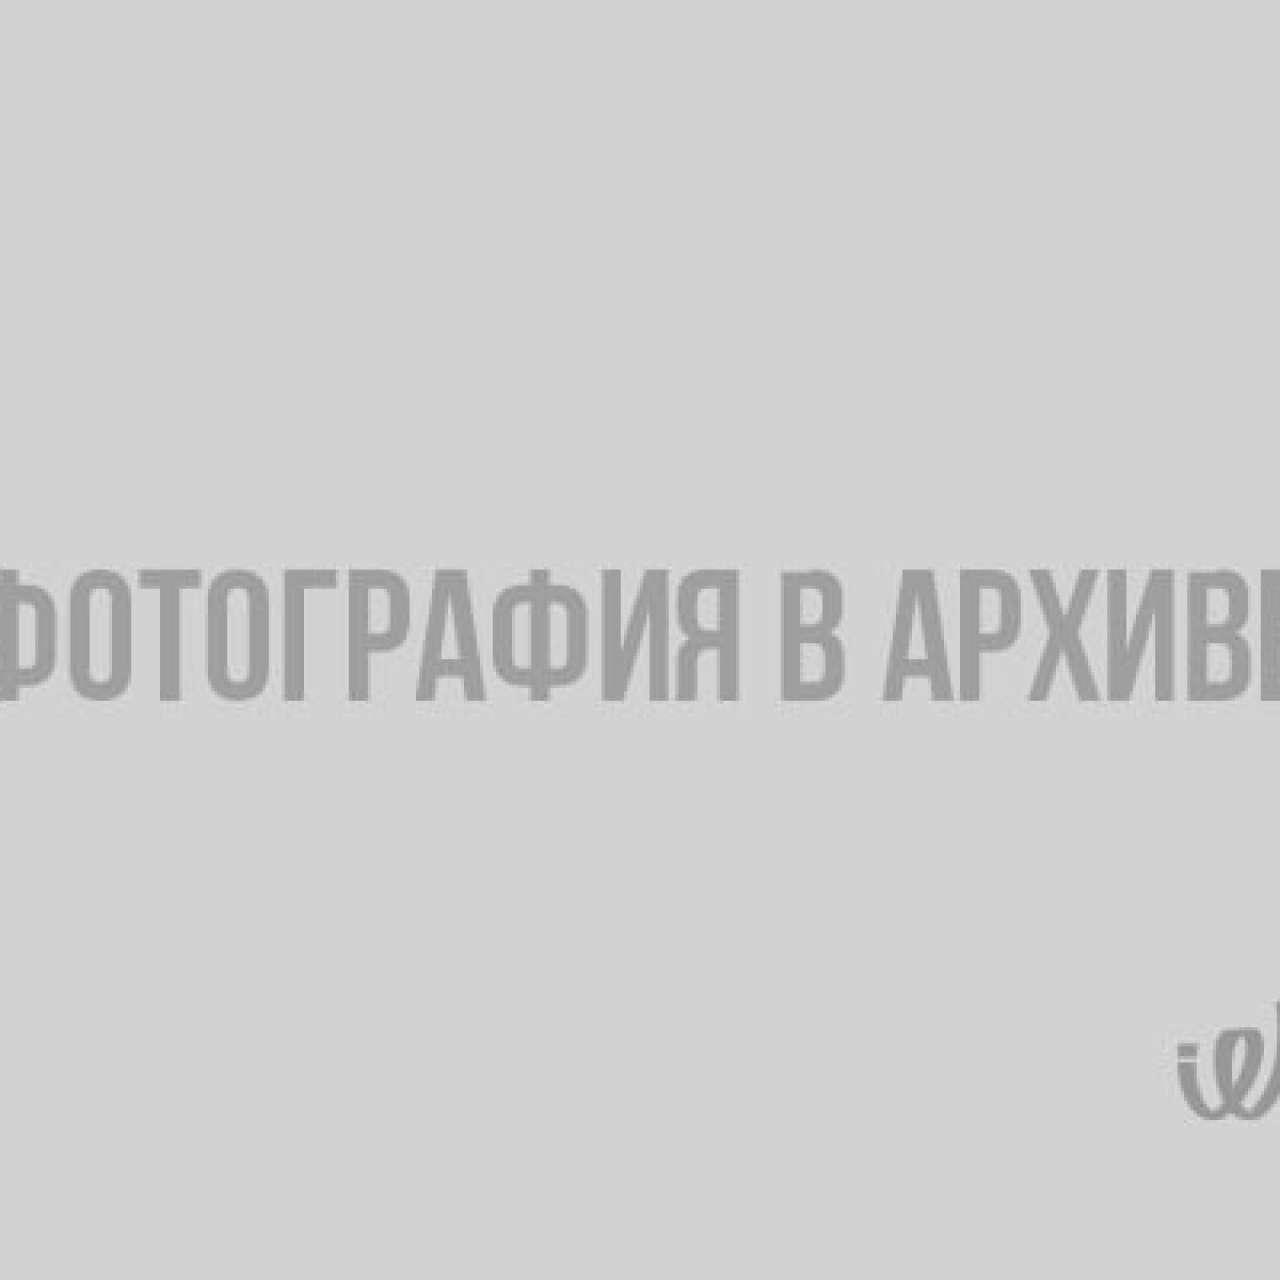 Госэконадзор очистил от мусора Липовский пляж в Сосновом Бору уборка, Сосновый Бор, Липовский пляж, Ленобласть, День окружающей среды, Госэконадзор